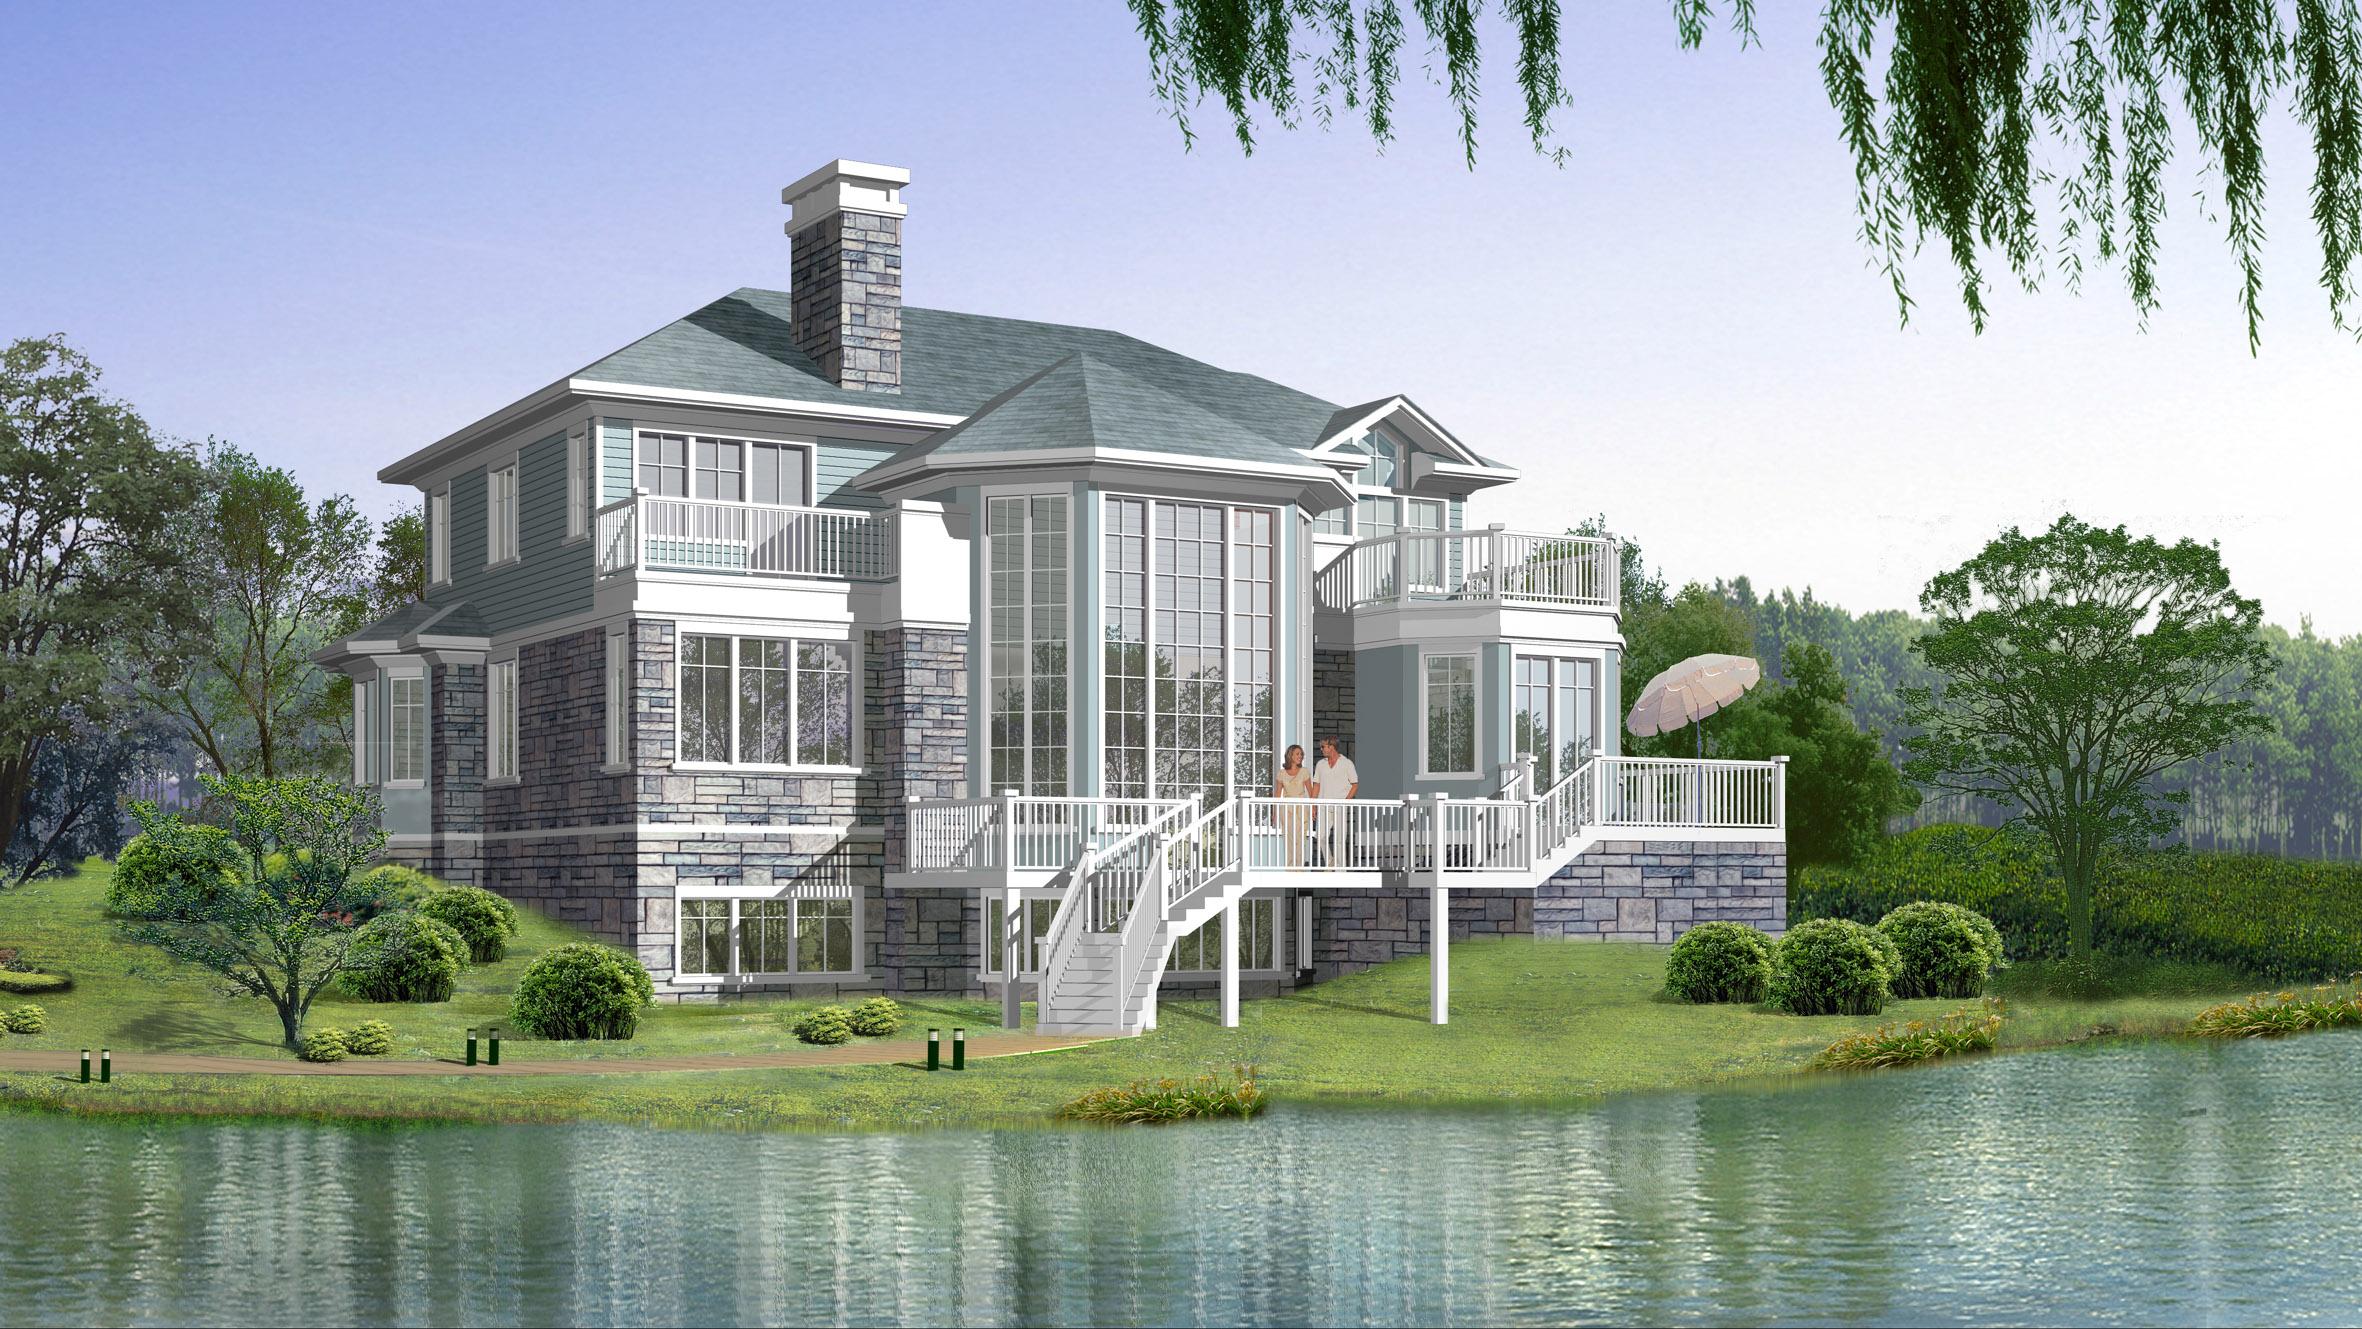 别墅设计自建房设计房屋设计建筑设计工民宿程设计庭院景观设计